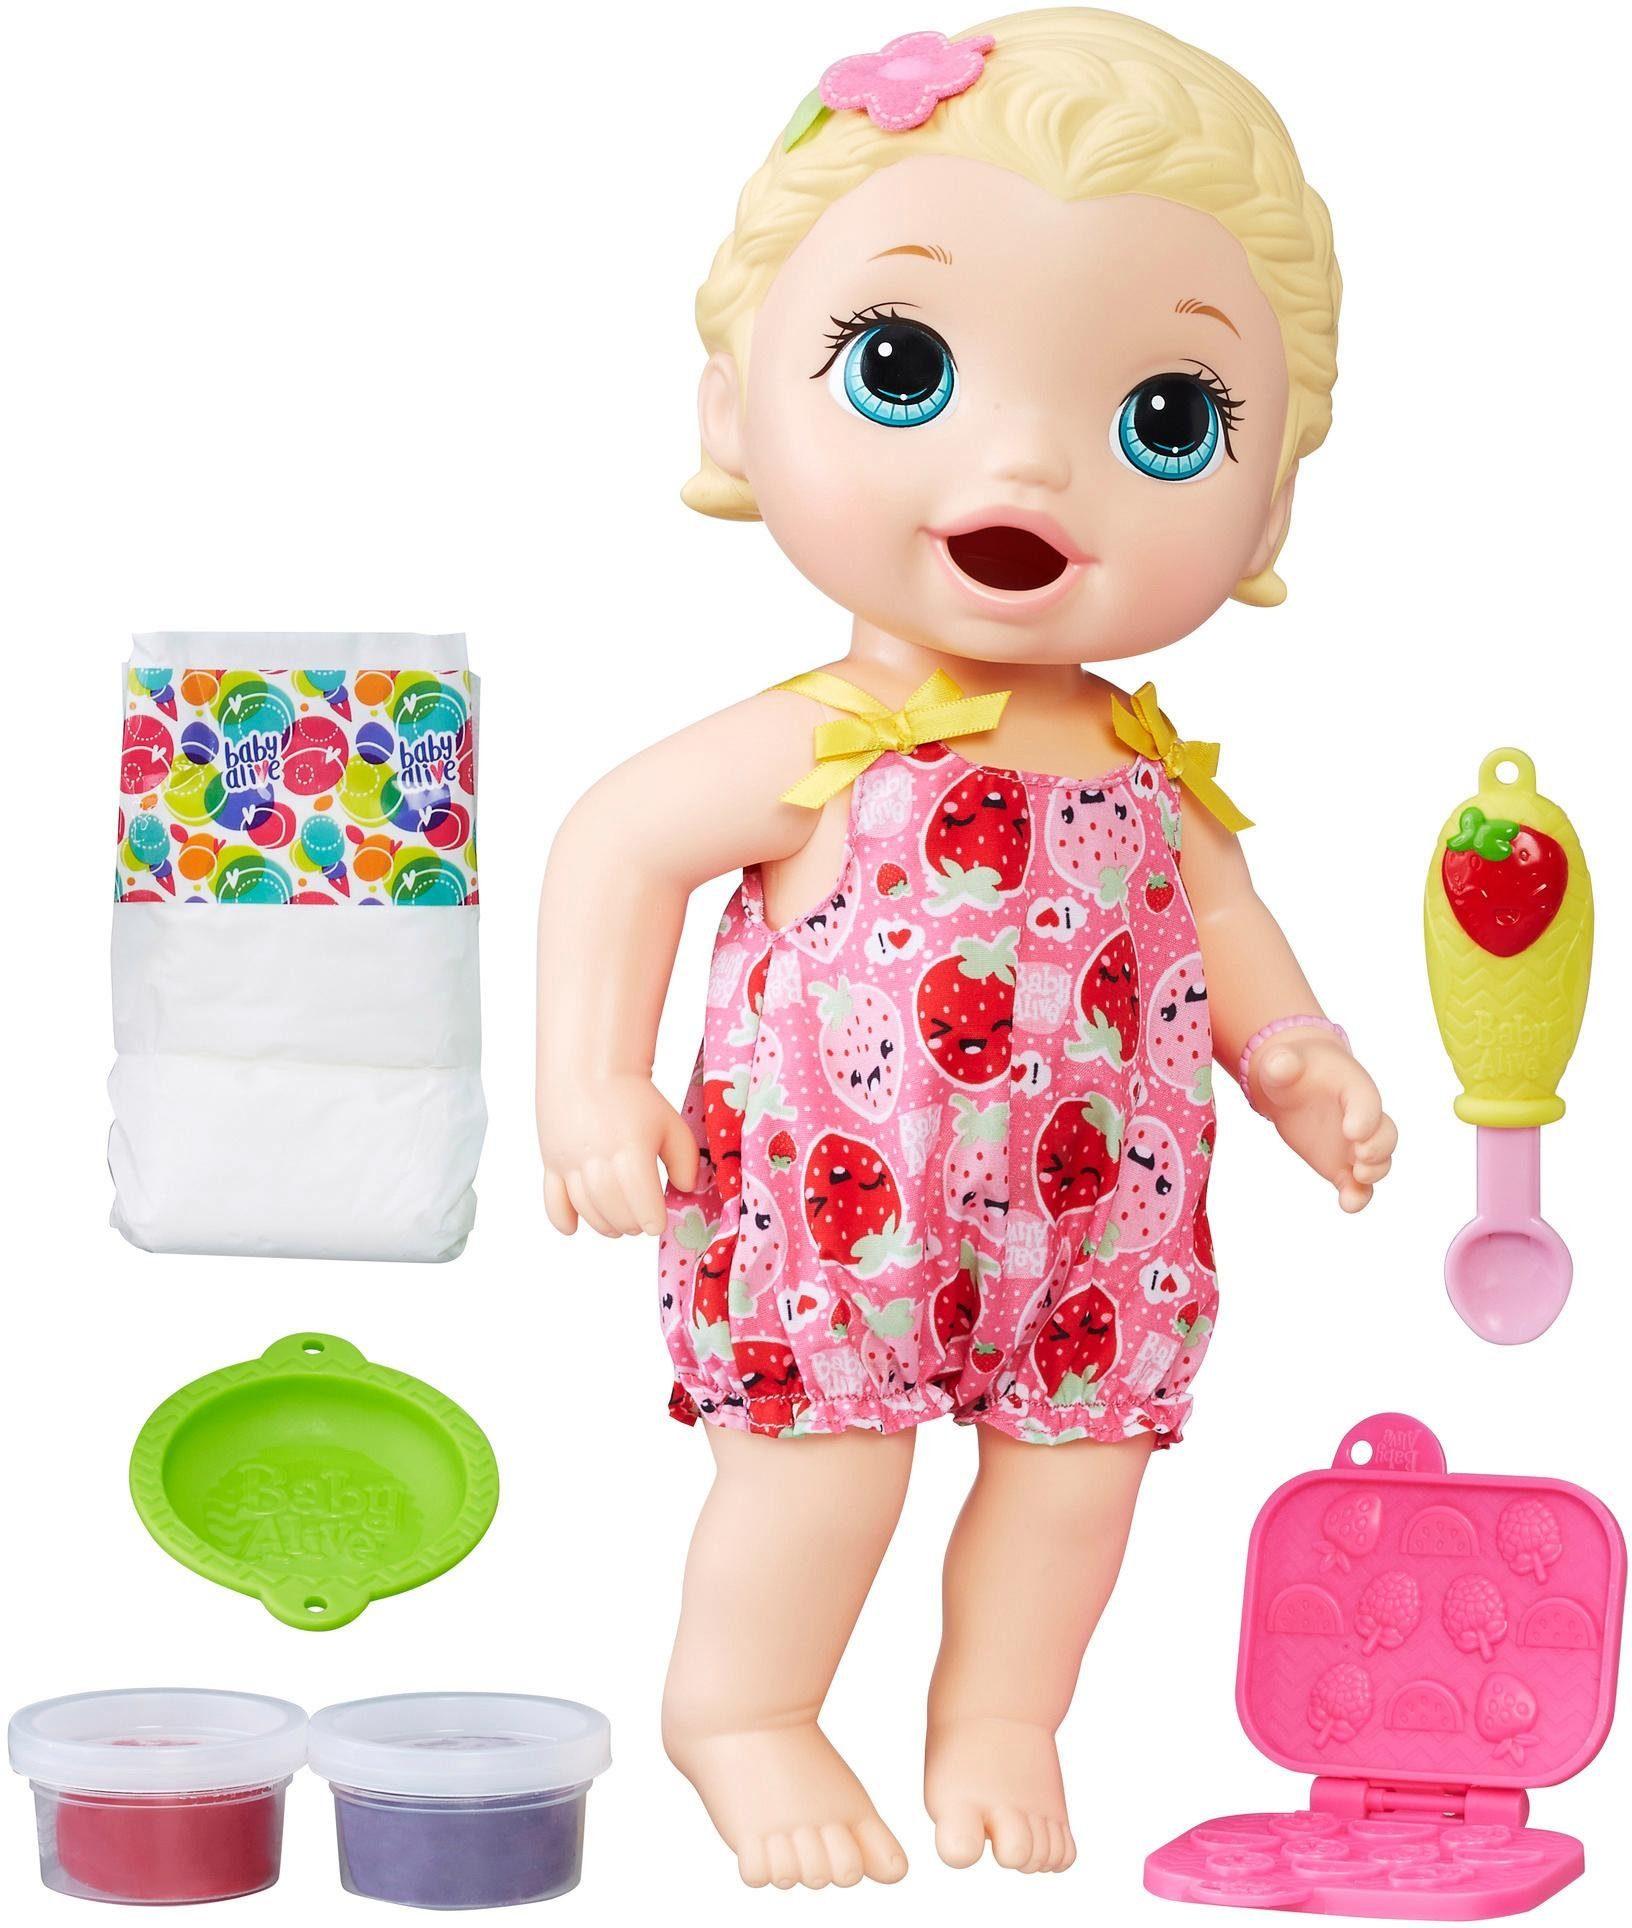 Hasbro Interaktive Puppe, »Baby Alive Fütterspaß Lily«